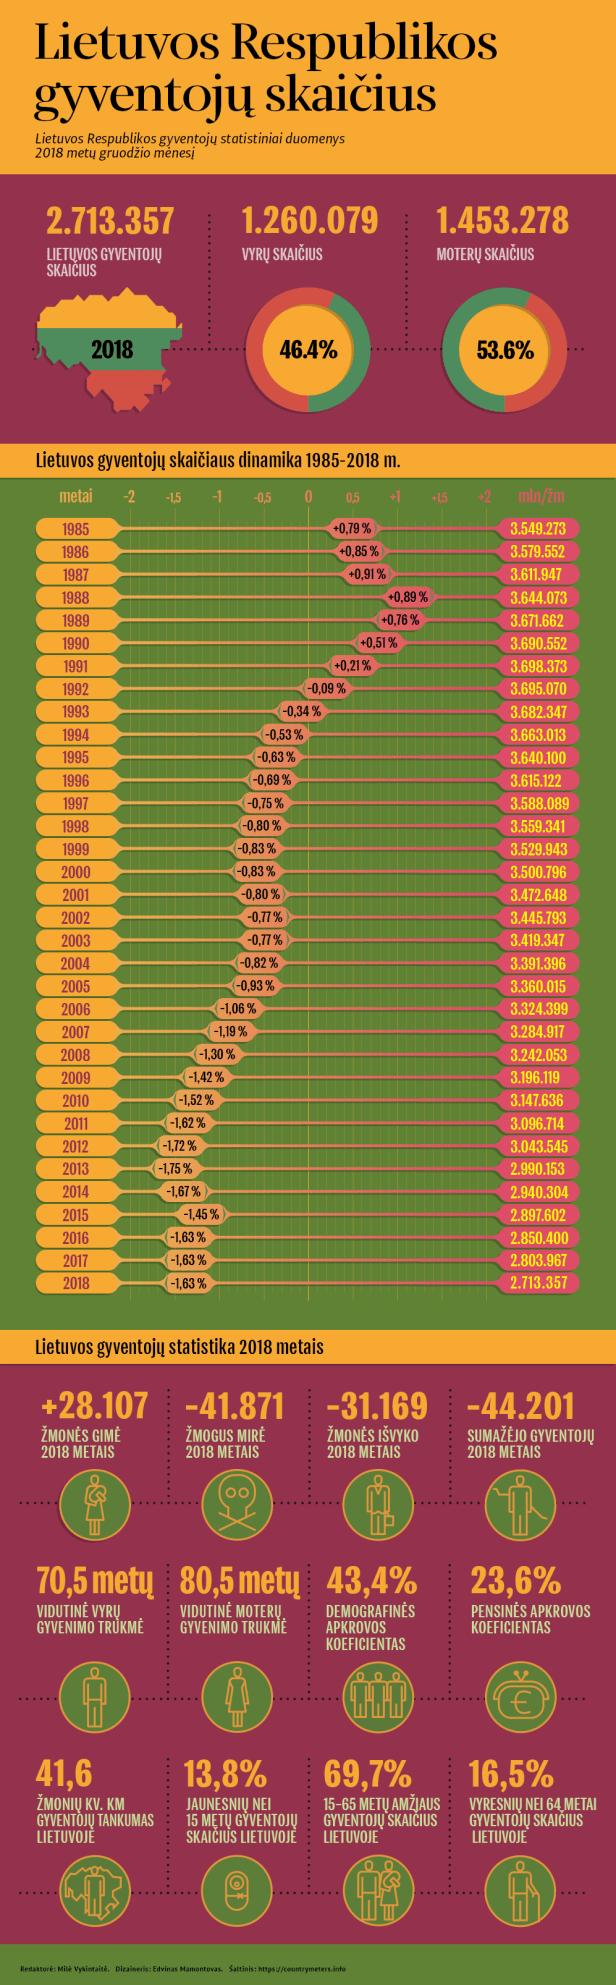 Statistika gyventojų Lietuvoje.png